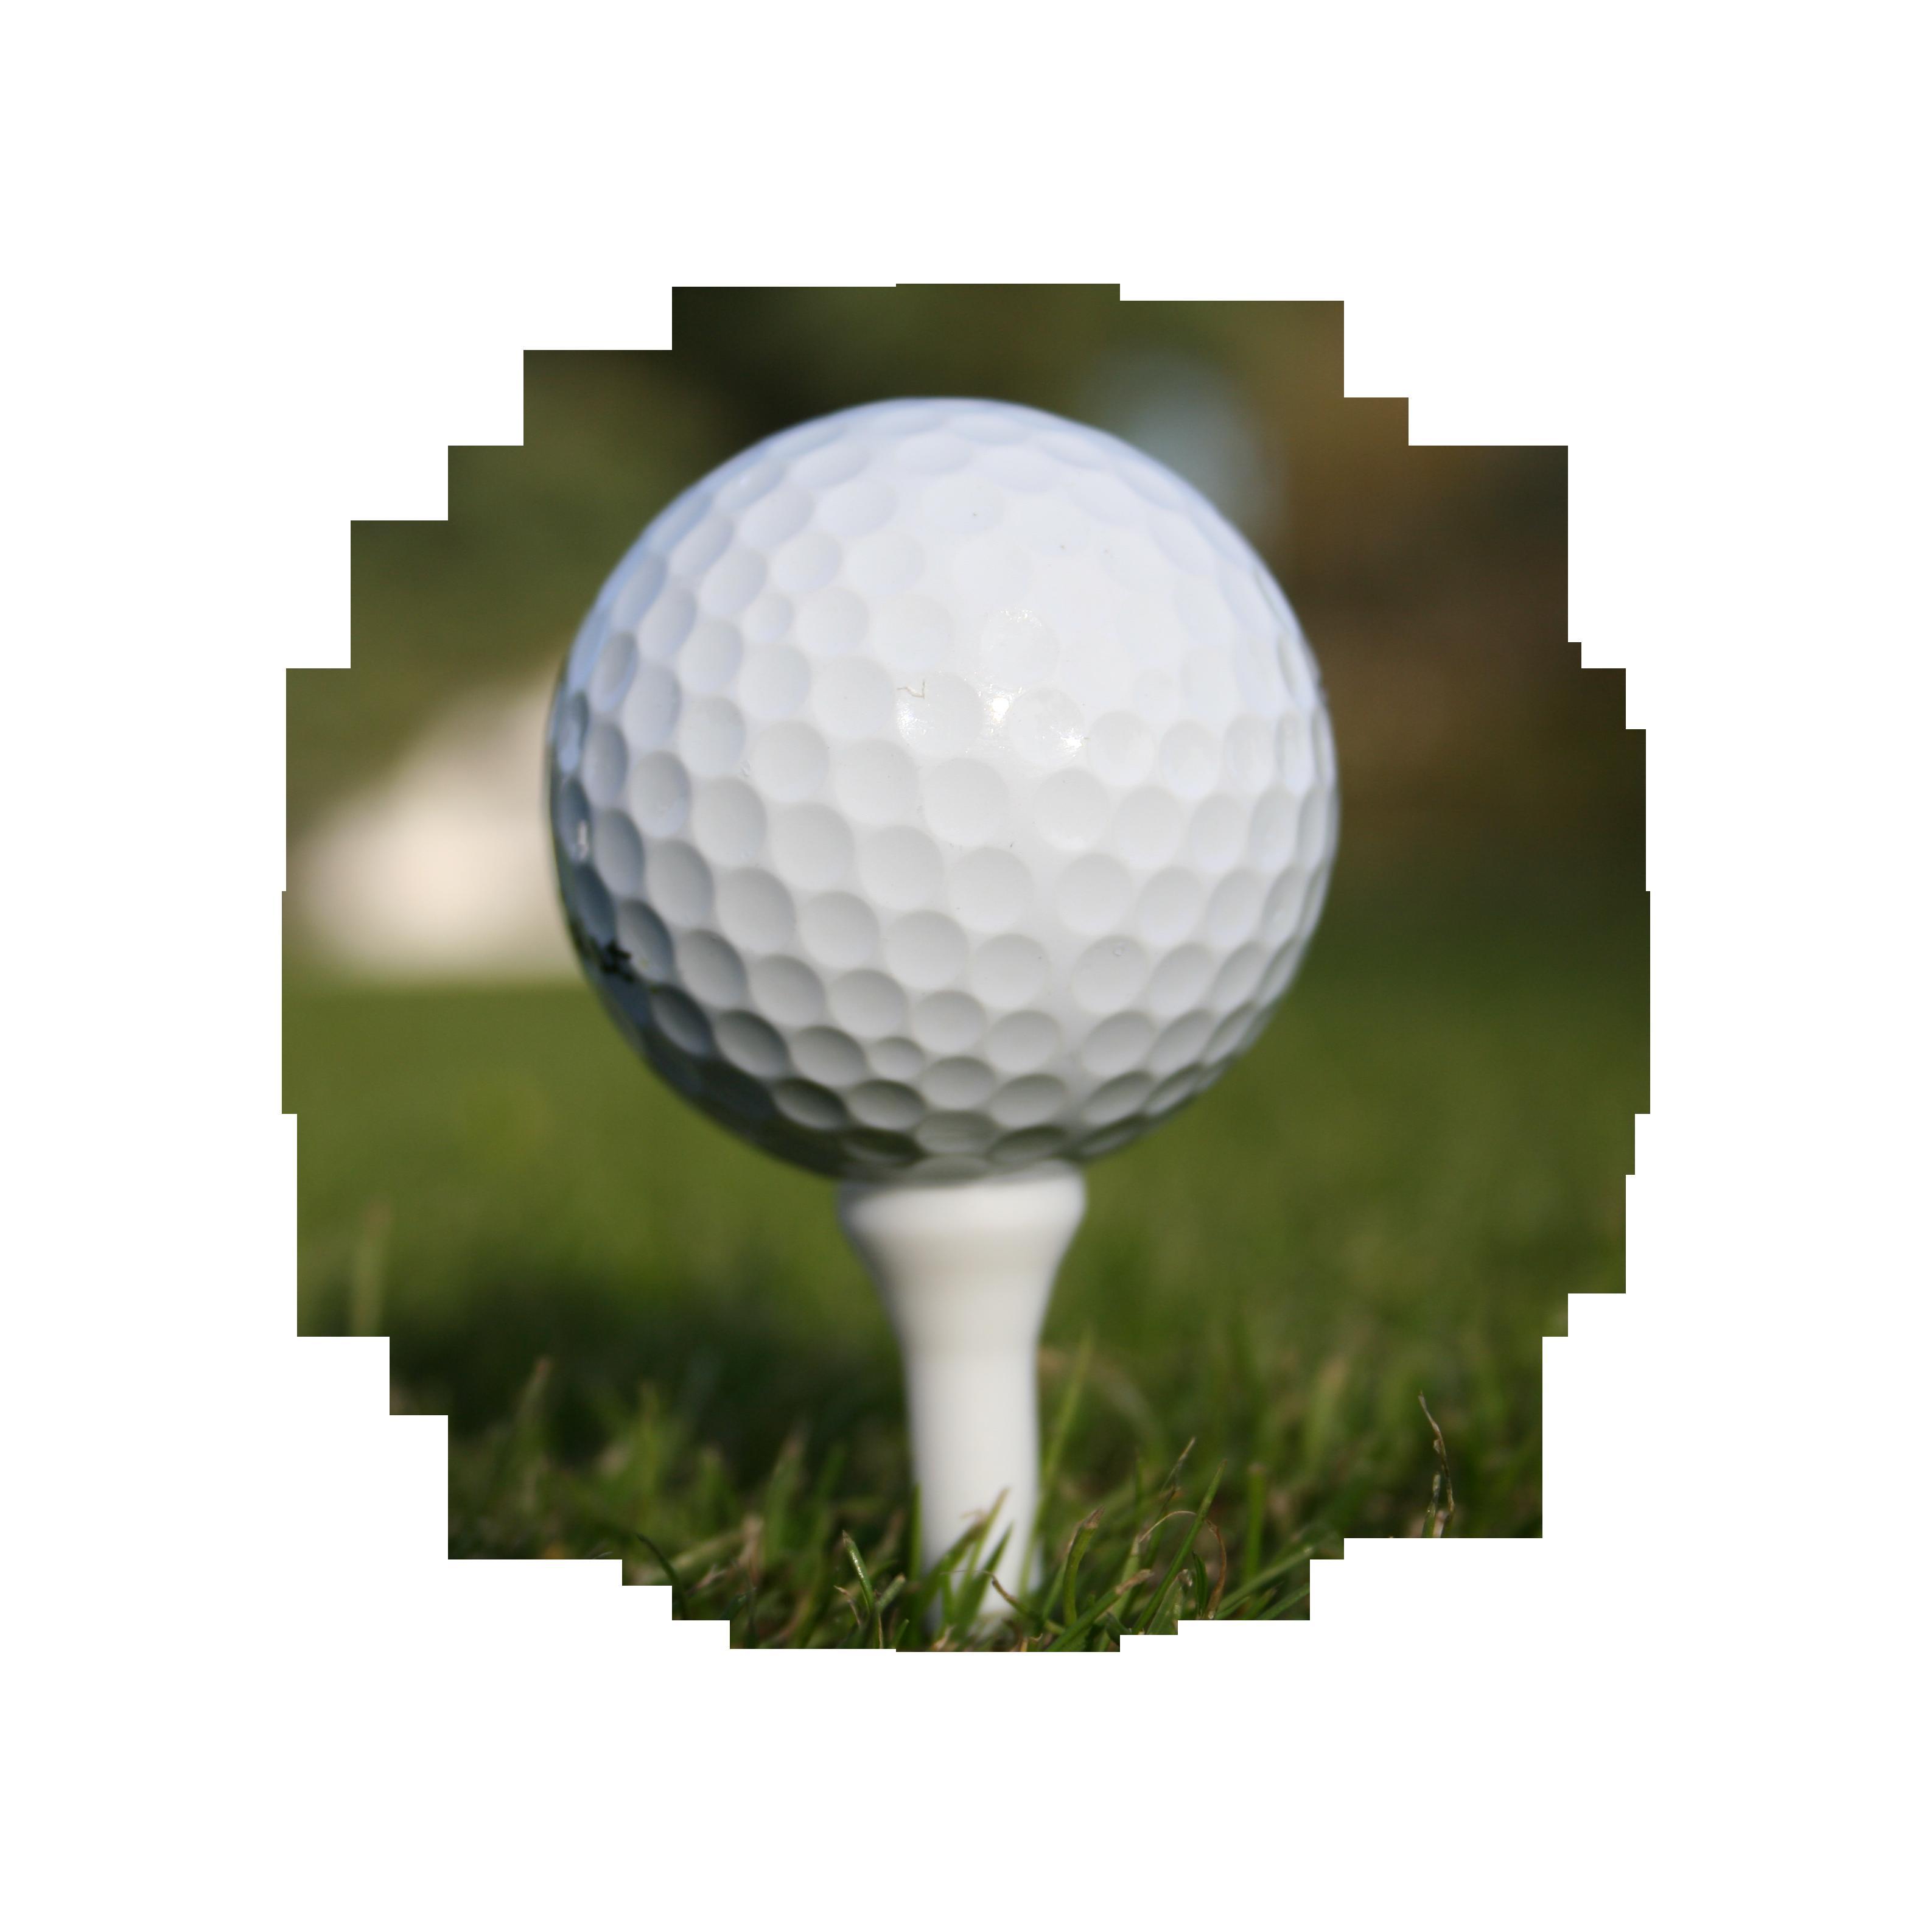 Clipart grass golf ball. Png file transparentpng